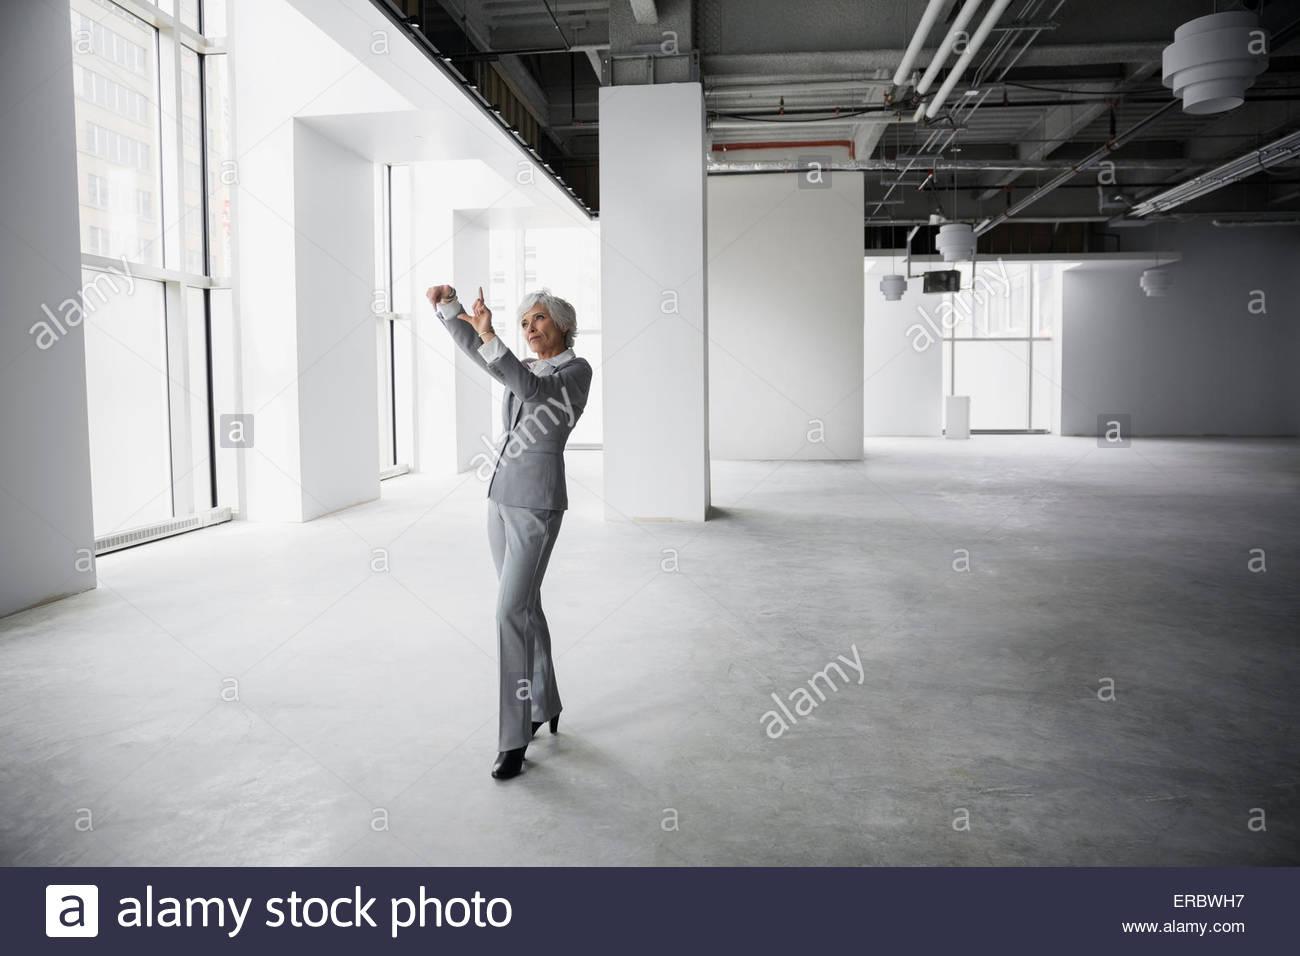 La empresaria con dedos de ideación fotograma en oficina vacía Imagen De Stock